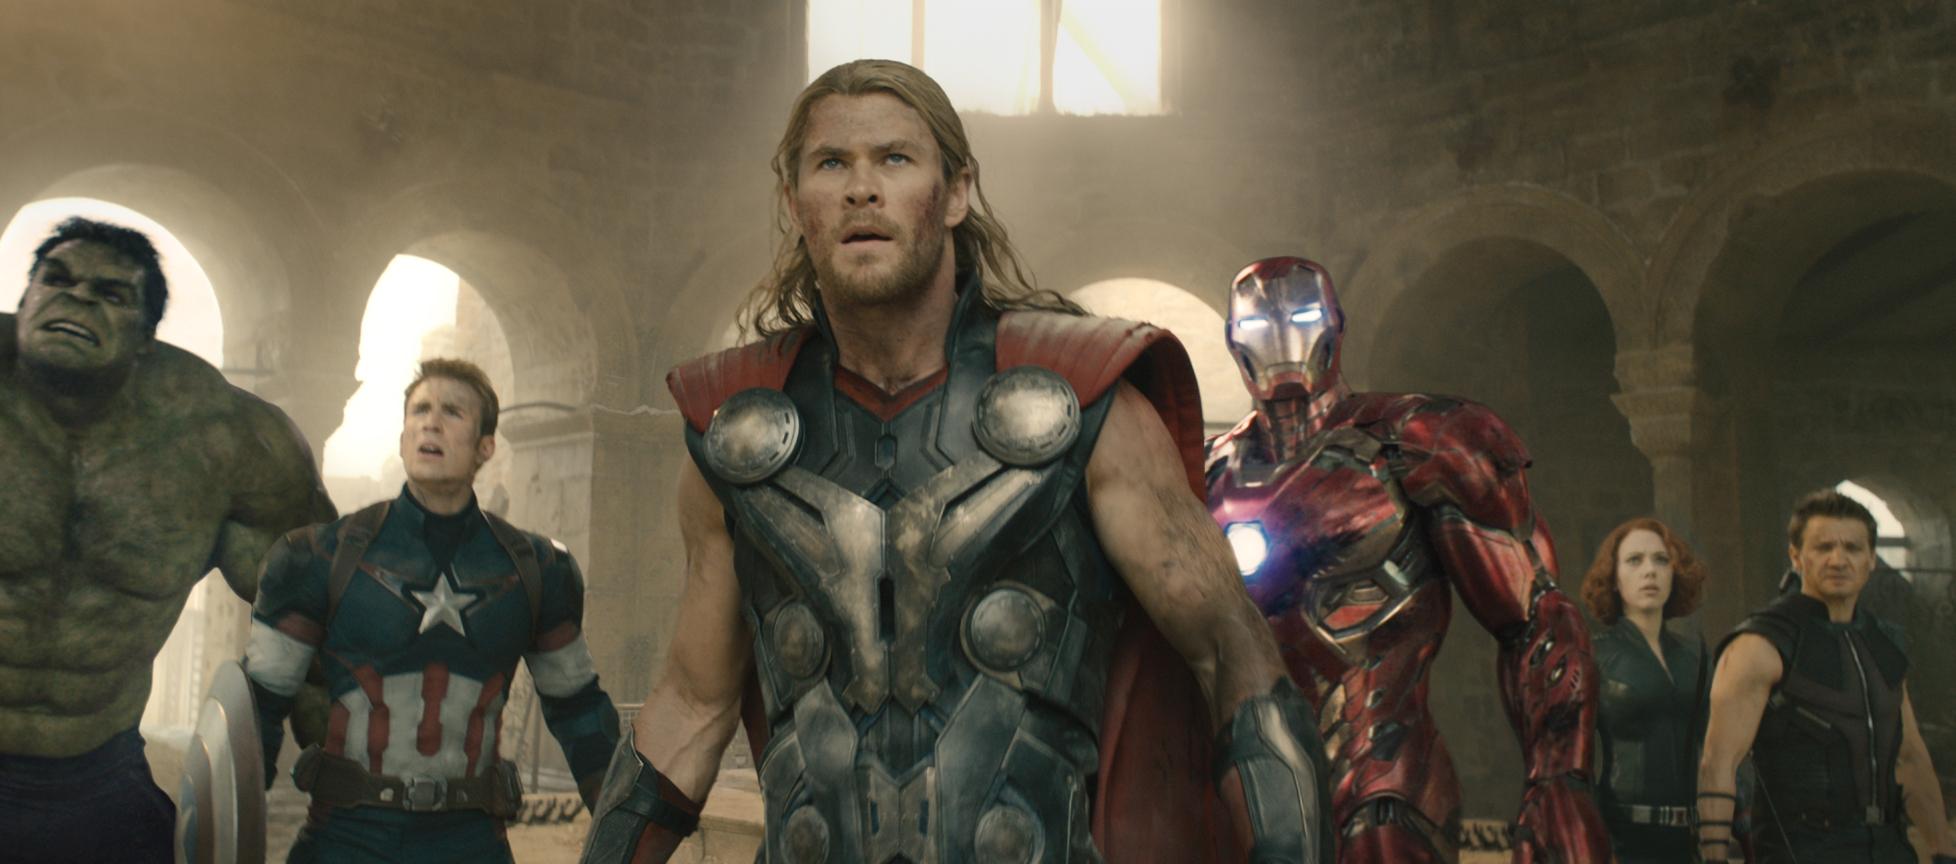 A Tribute to the Avengers : インフィニティ・サーガの完結編「エンドゲーム」の封切りに向けて、アベンジャーズの初代メンバーの6名にトリビュートした切ないビデオ「シックス」をご覧ください ! !